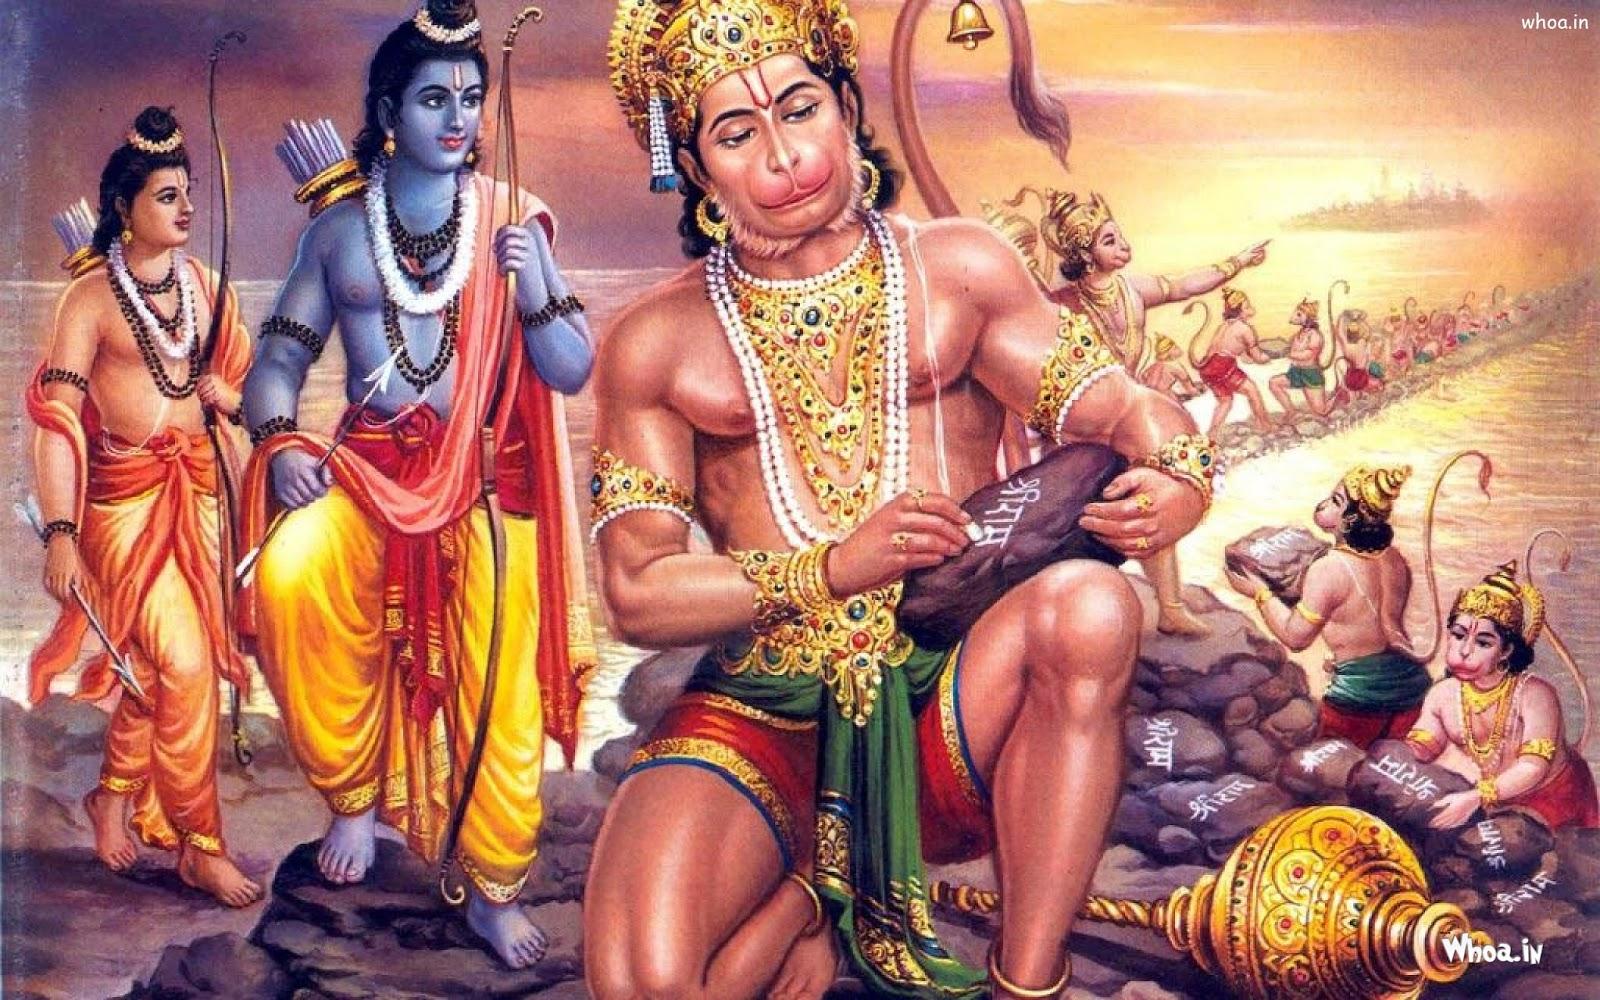 శ్రీ ఆంజనేయాష్టోత్తర స్త్రోత్రం - Sri Anjaneya Ashtottara Stotram